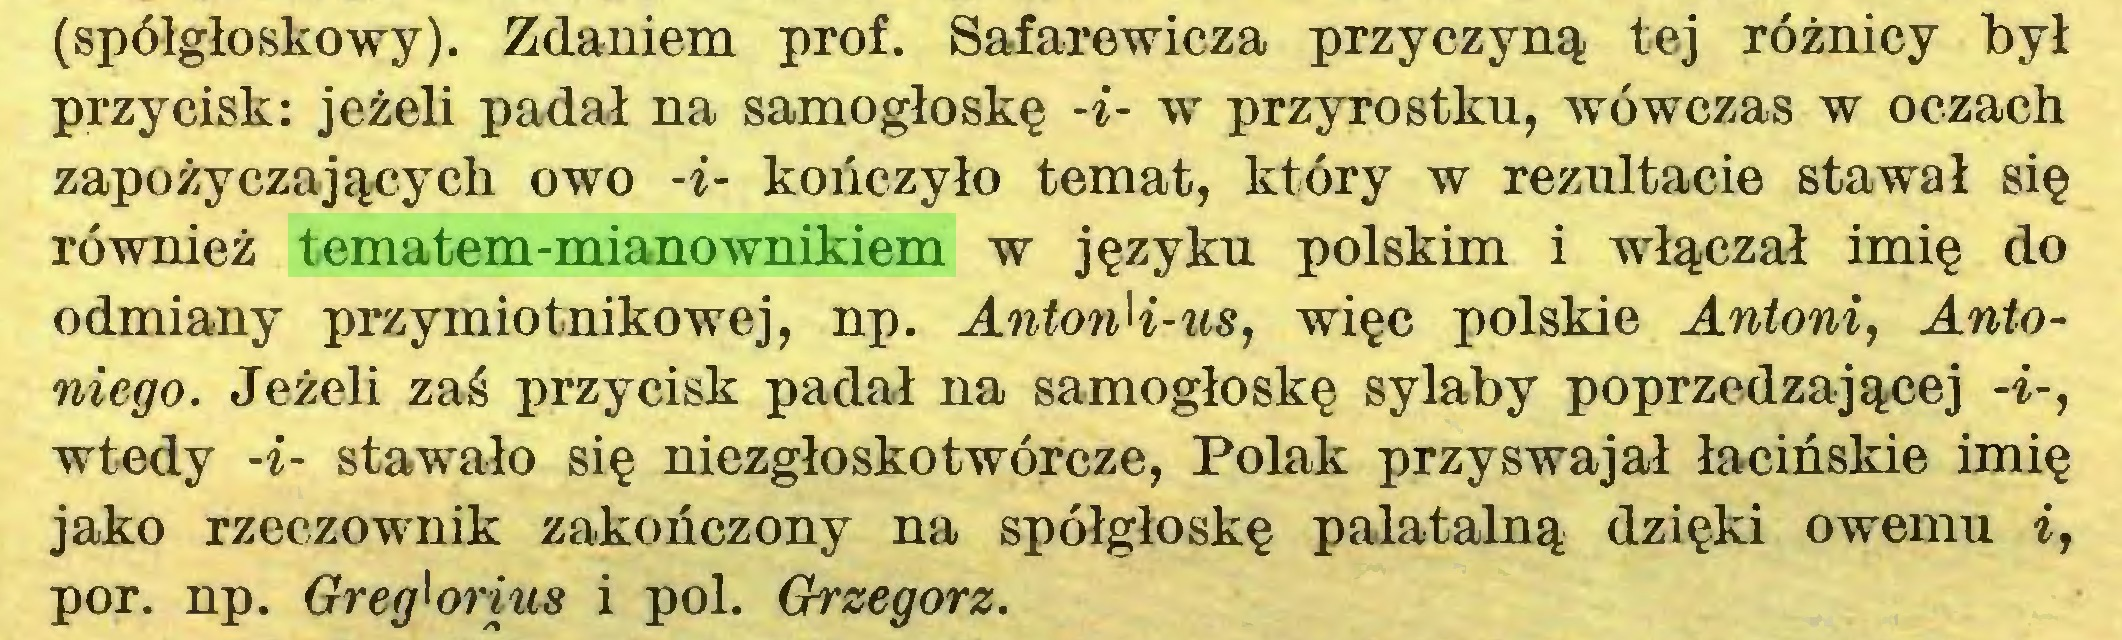 (...) (spółgłoskowy). Zdaniem prof. Safarewicza przyczyną tej różnicy był przycisk: jeżeli padał na samogłoskę -i- w przyrostku, wówczas w oczach zapożyczających owo -i- kończyło temat, który w rezultacie stawał się również tematem-mianownikiem w języku polskim i włączał imię do odmiany przymiotnikowej, np. AntonH-us, więc polskie Antoni, Antoniego. Jeżeli zaś przycisk padał na samogłoskę sylaby poprzedzającej -i-, wtedy -i- stawało się niezgłoskotwórcze, Polak przyswajał łacińskie imię jako rzeczownik zakończony na spółgłoskę palatalną dzięki owemu i, por. np. Greg^orius i poi. Grzegorz...